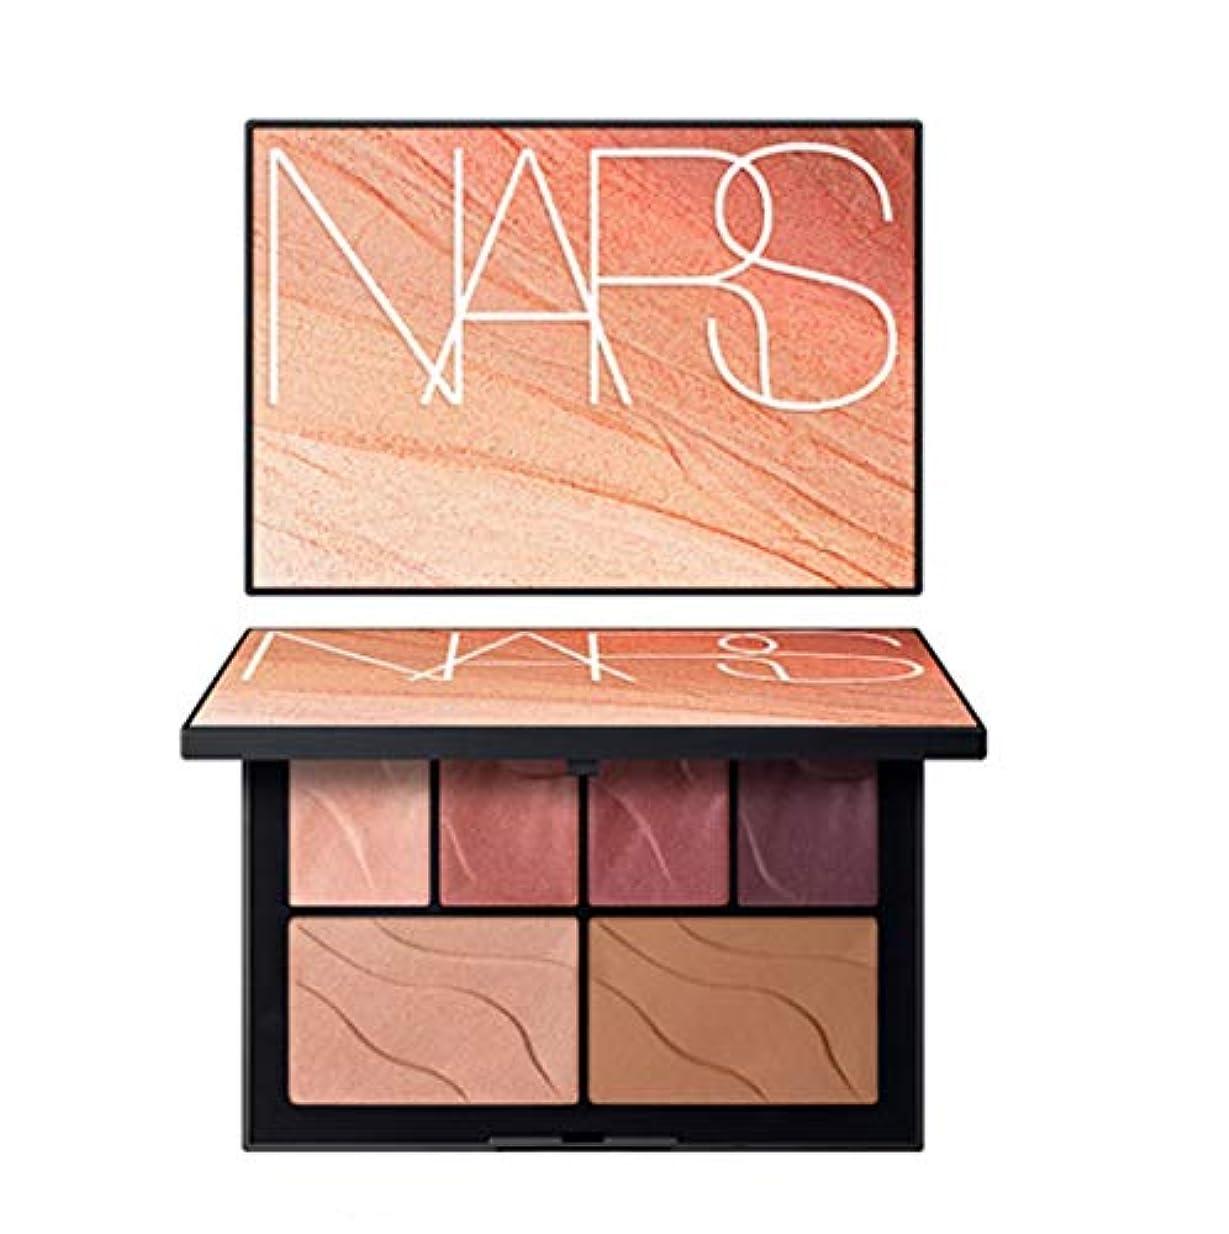 シソーラス異常洞察力NARS(ナーズ)[2019 Summer Color Collection] Face Palette HEAT OF THE NIGHT #hot lights(並行輸入品)